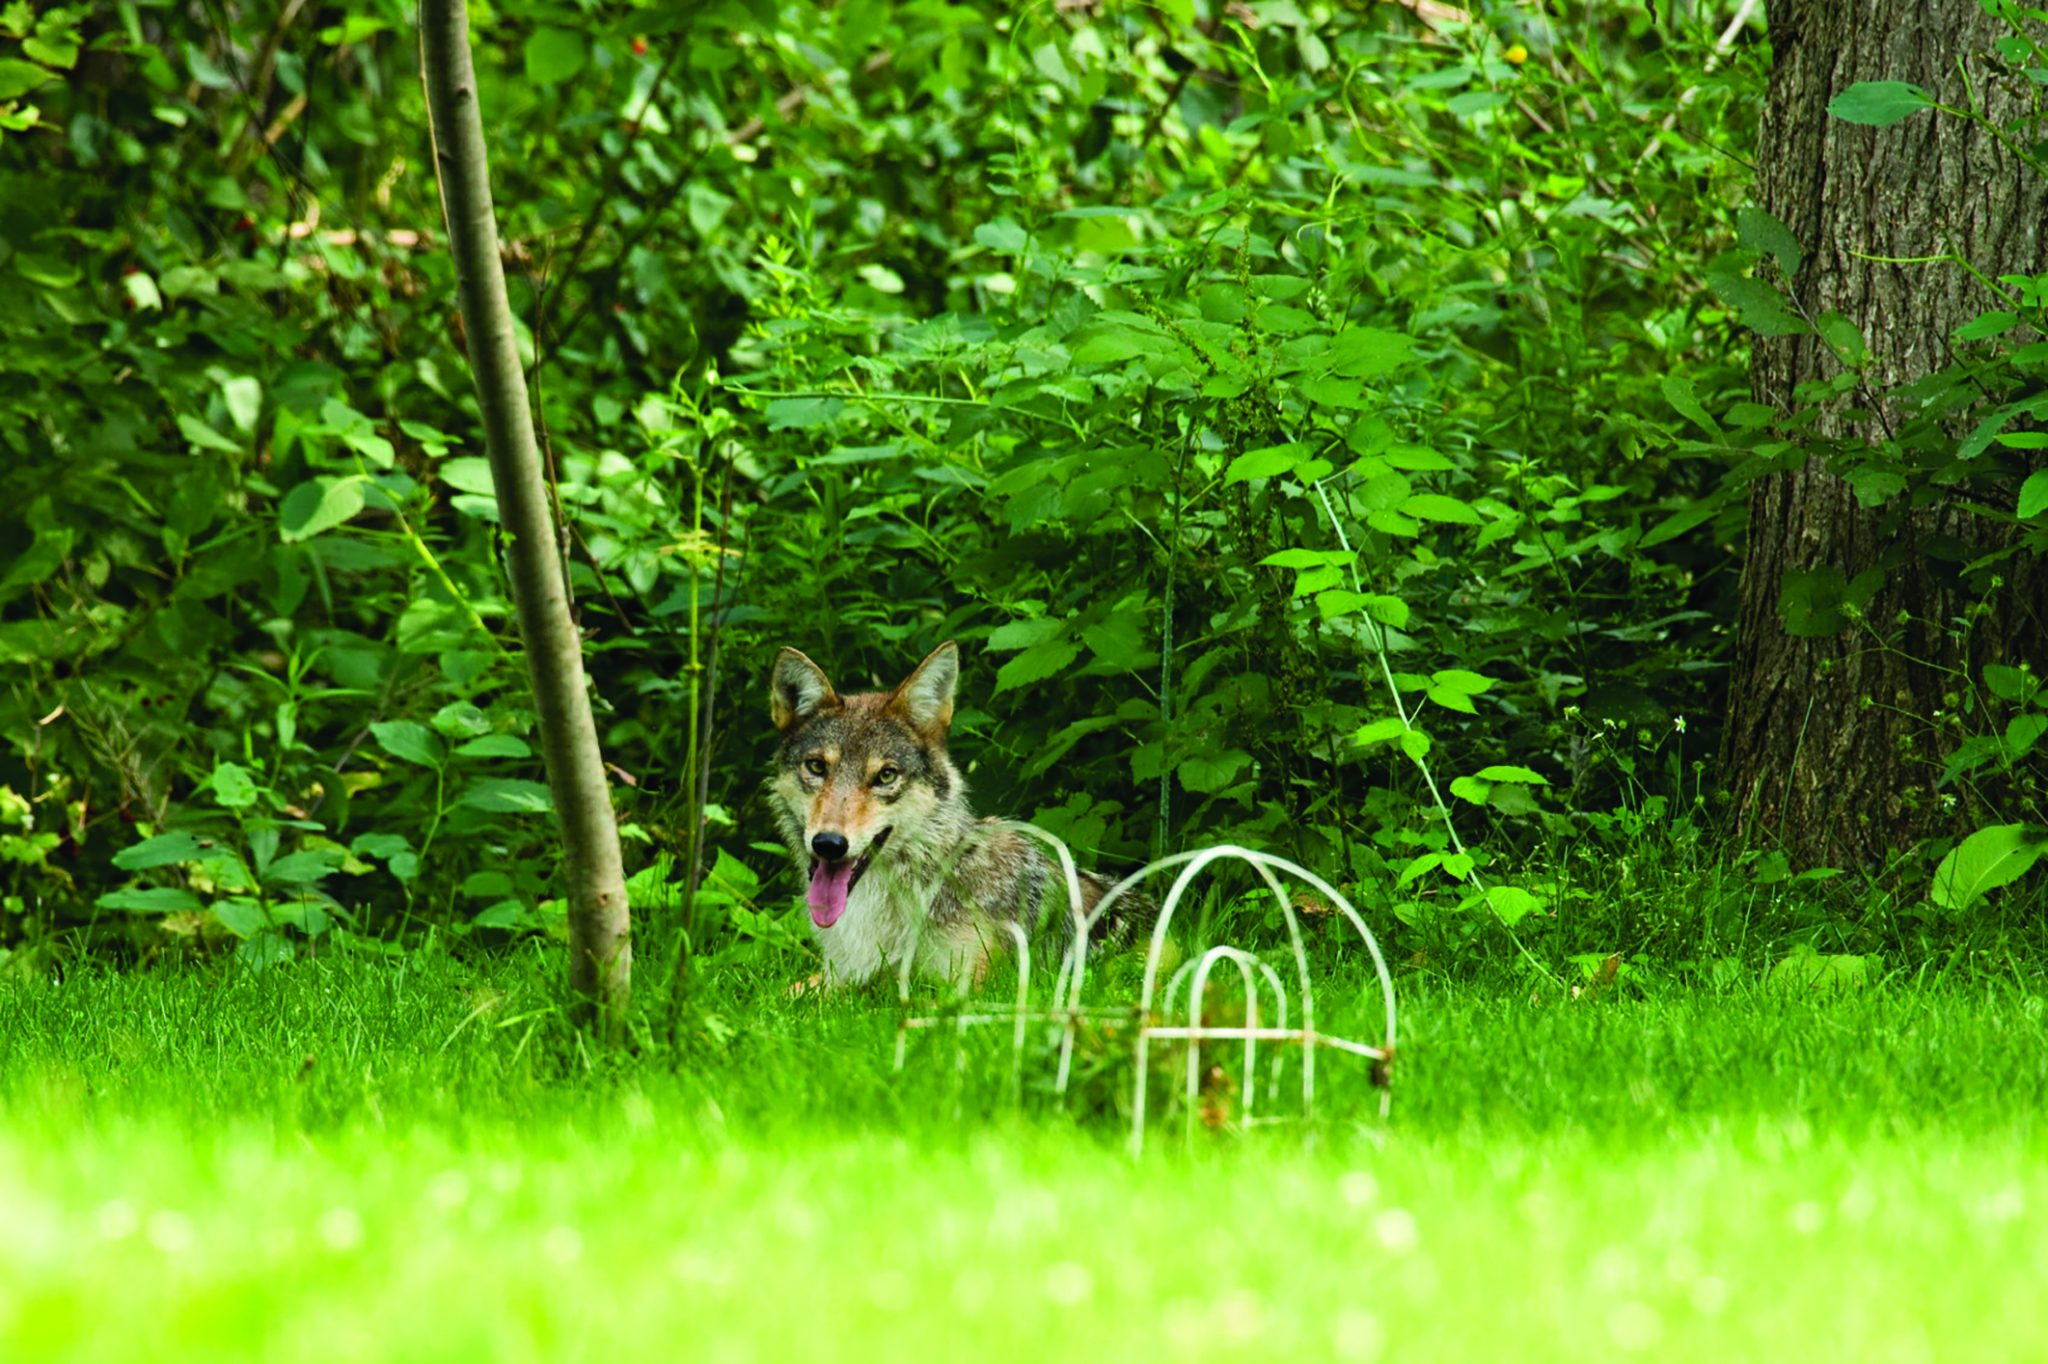 Urban Coyote catches Cat